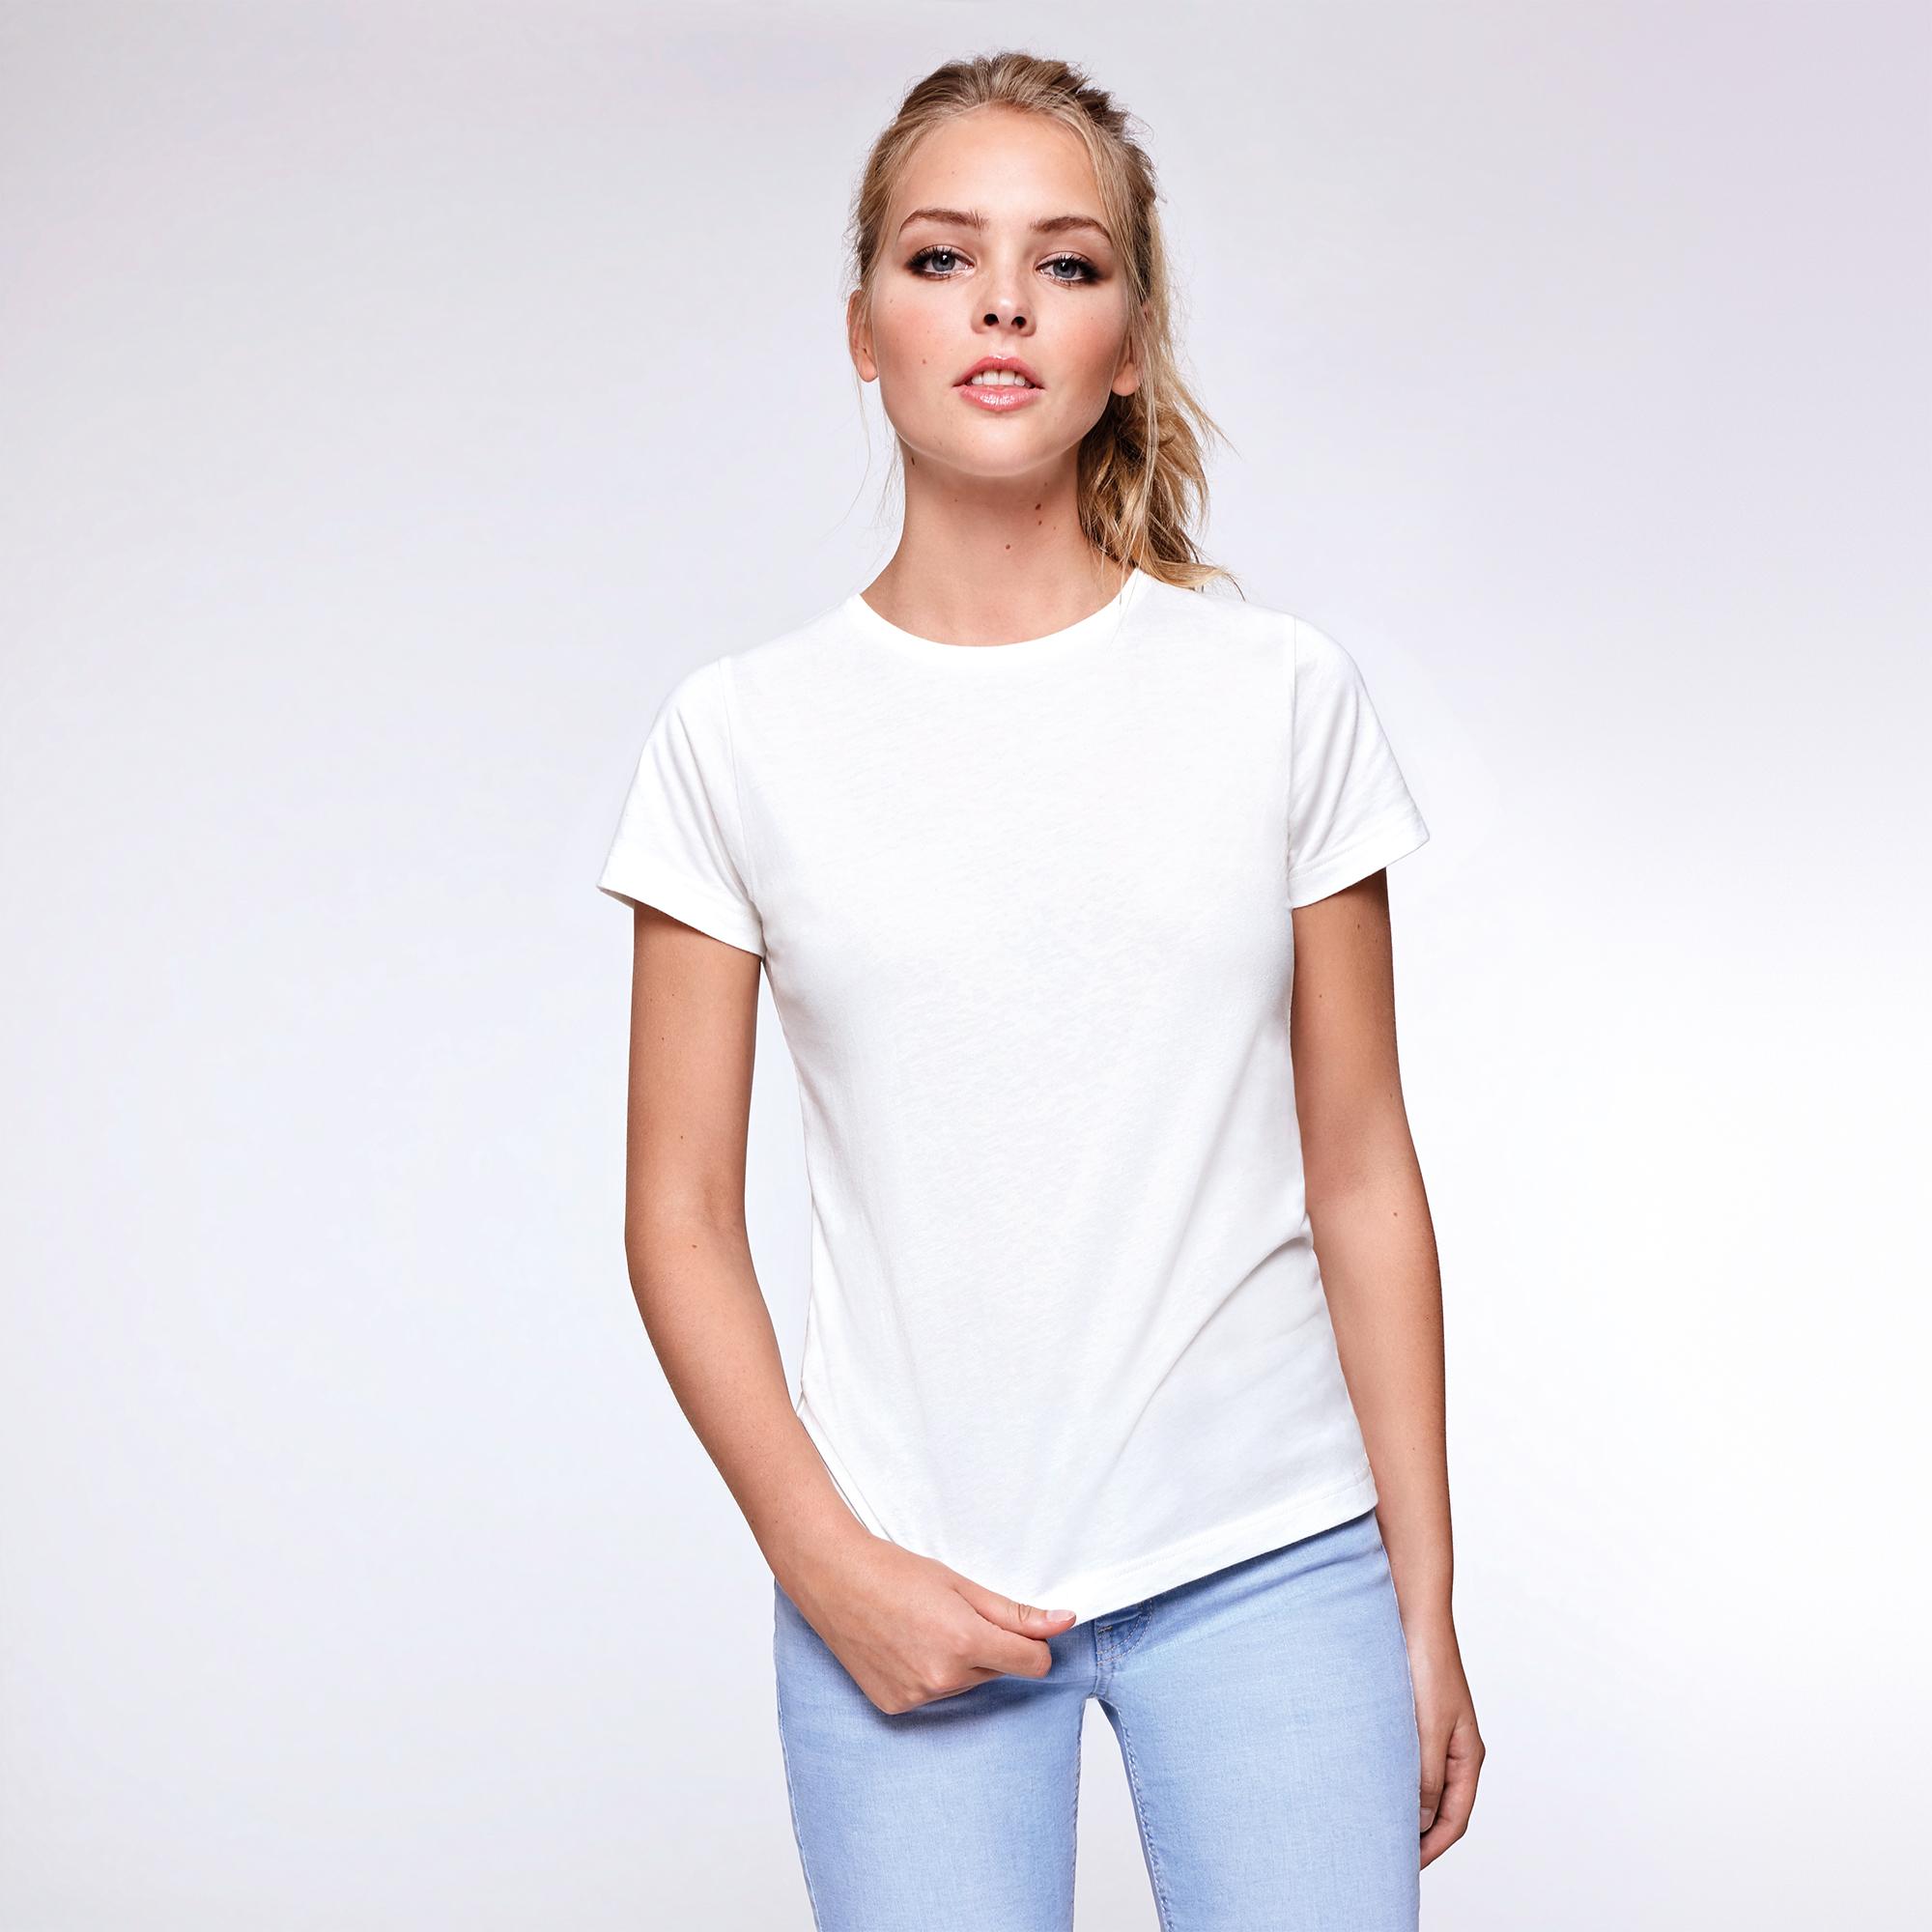 Camisetas blancas organicas mujer